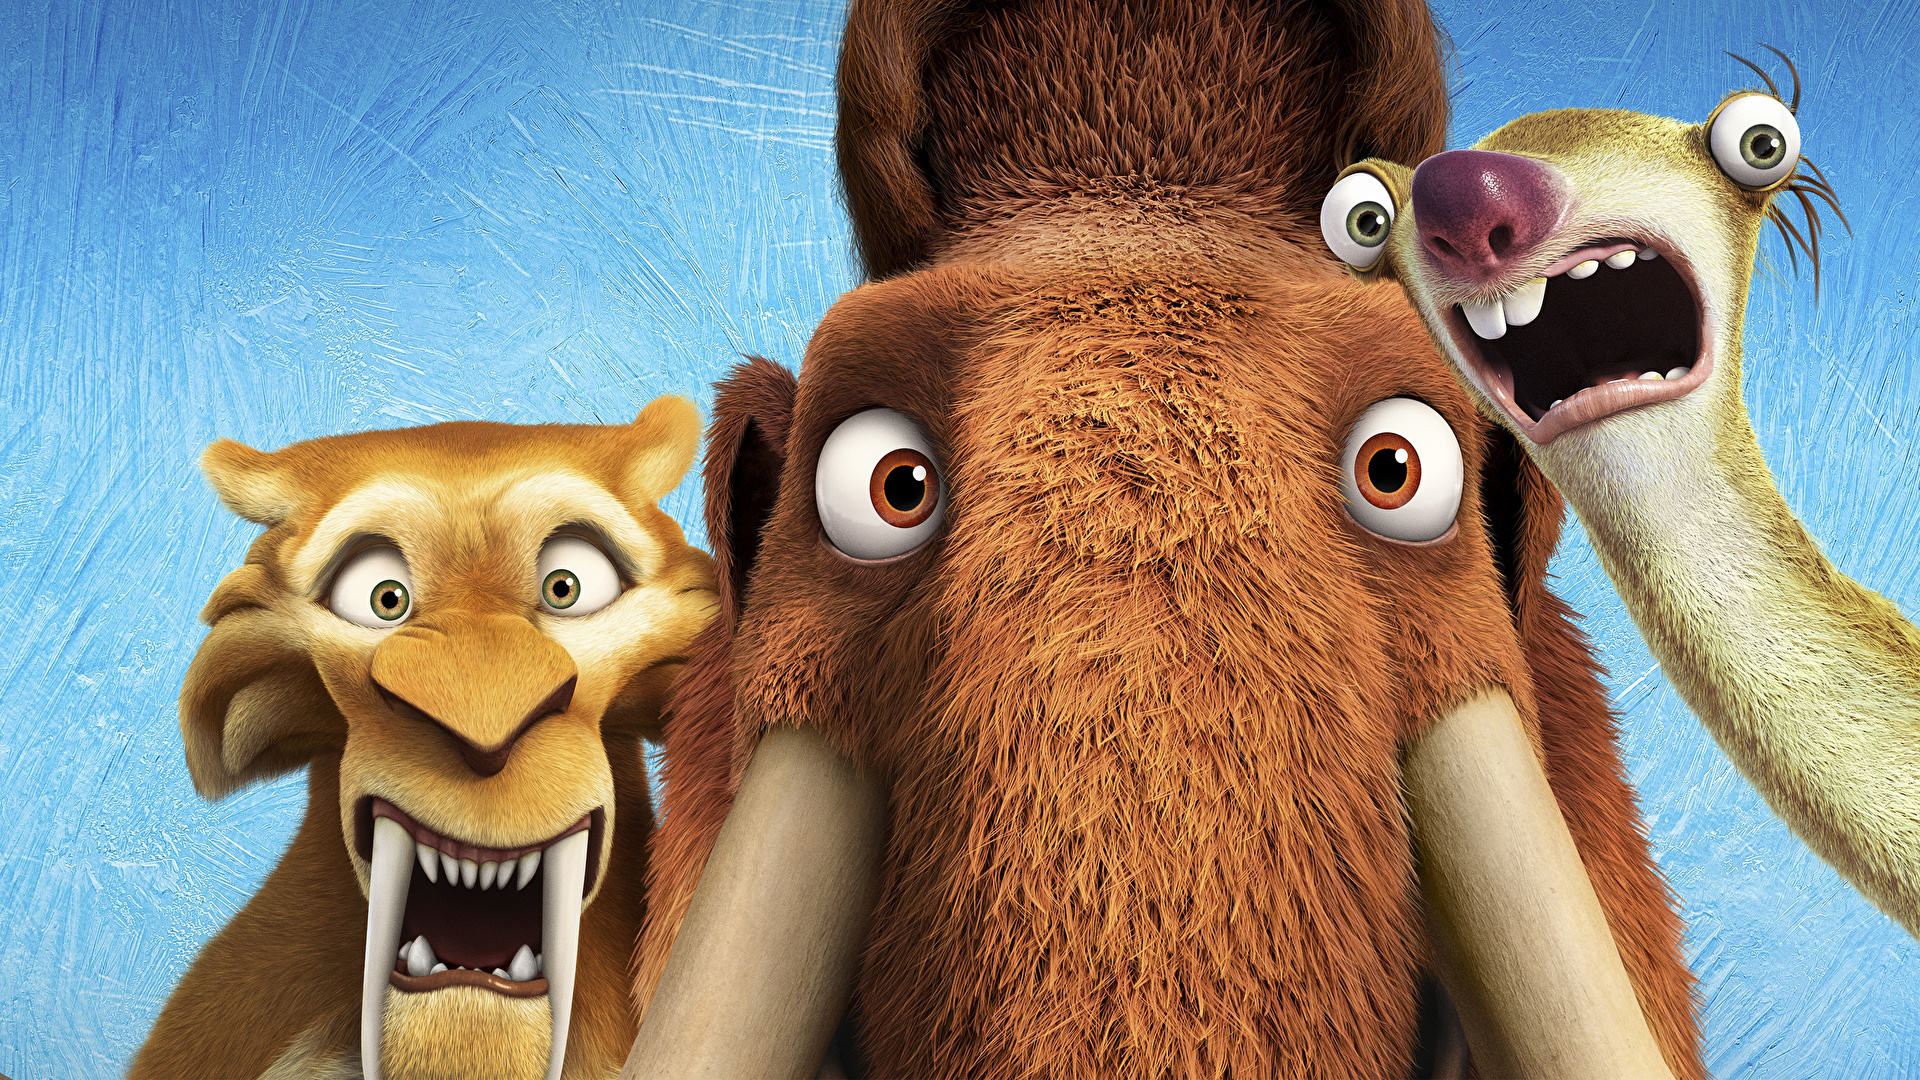 Hintergrundbilder Ice Age – Kollision voraus! Mammute Diego, Manny, Sid Animationsfilm 1920x1080 Zeichentrickfilm